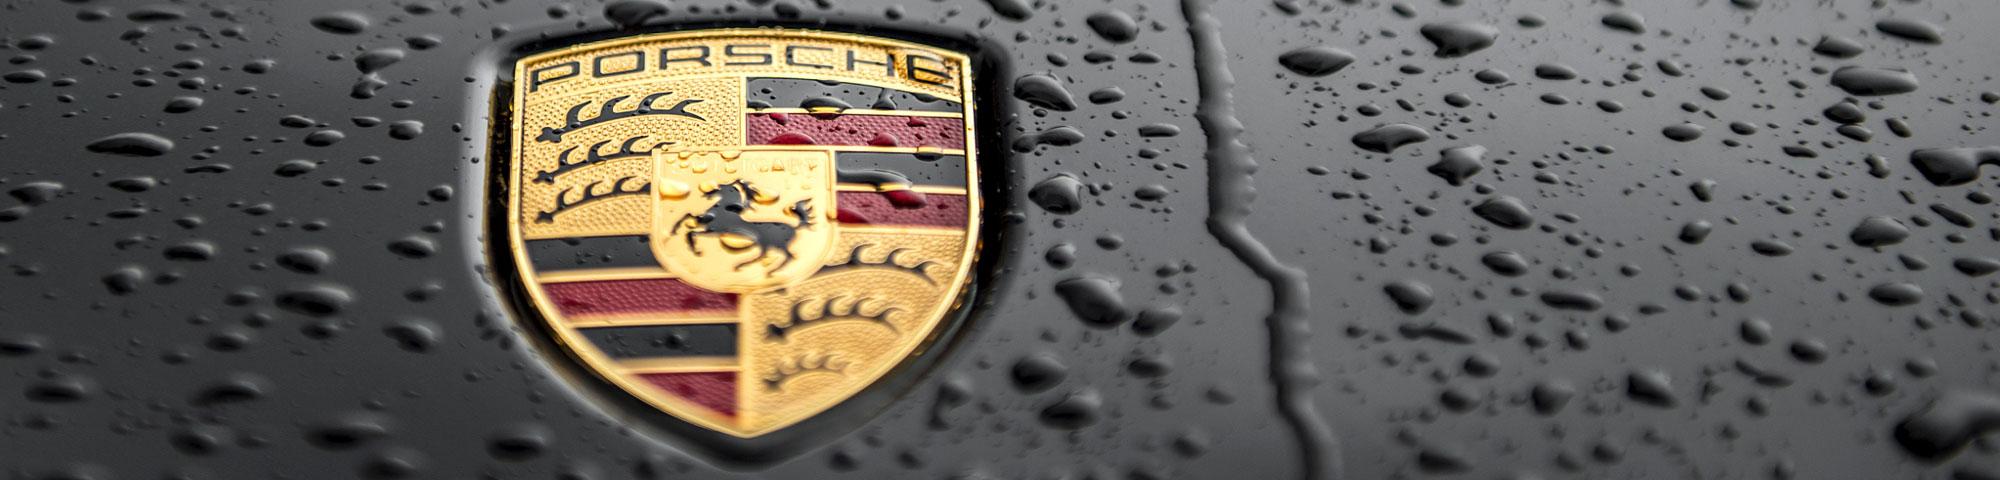 CLMS - Manufacturer - Porsche